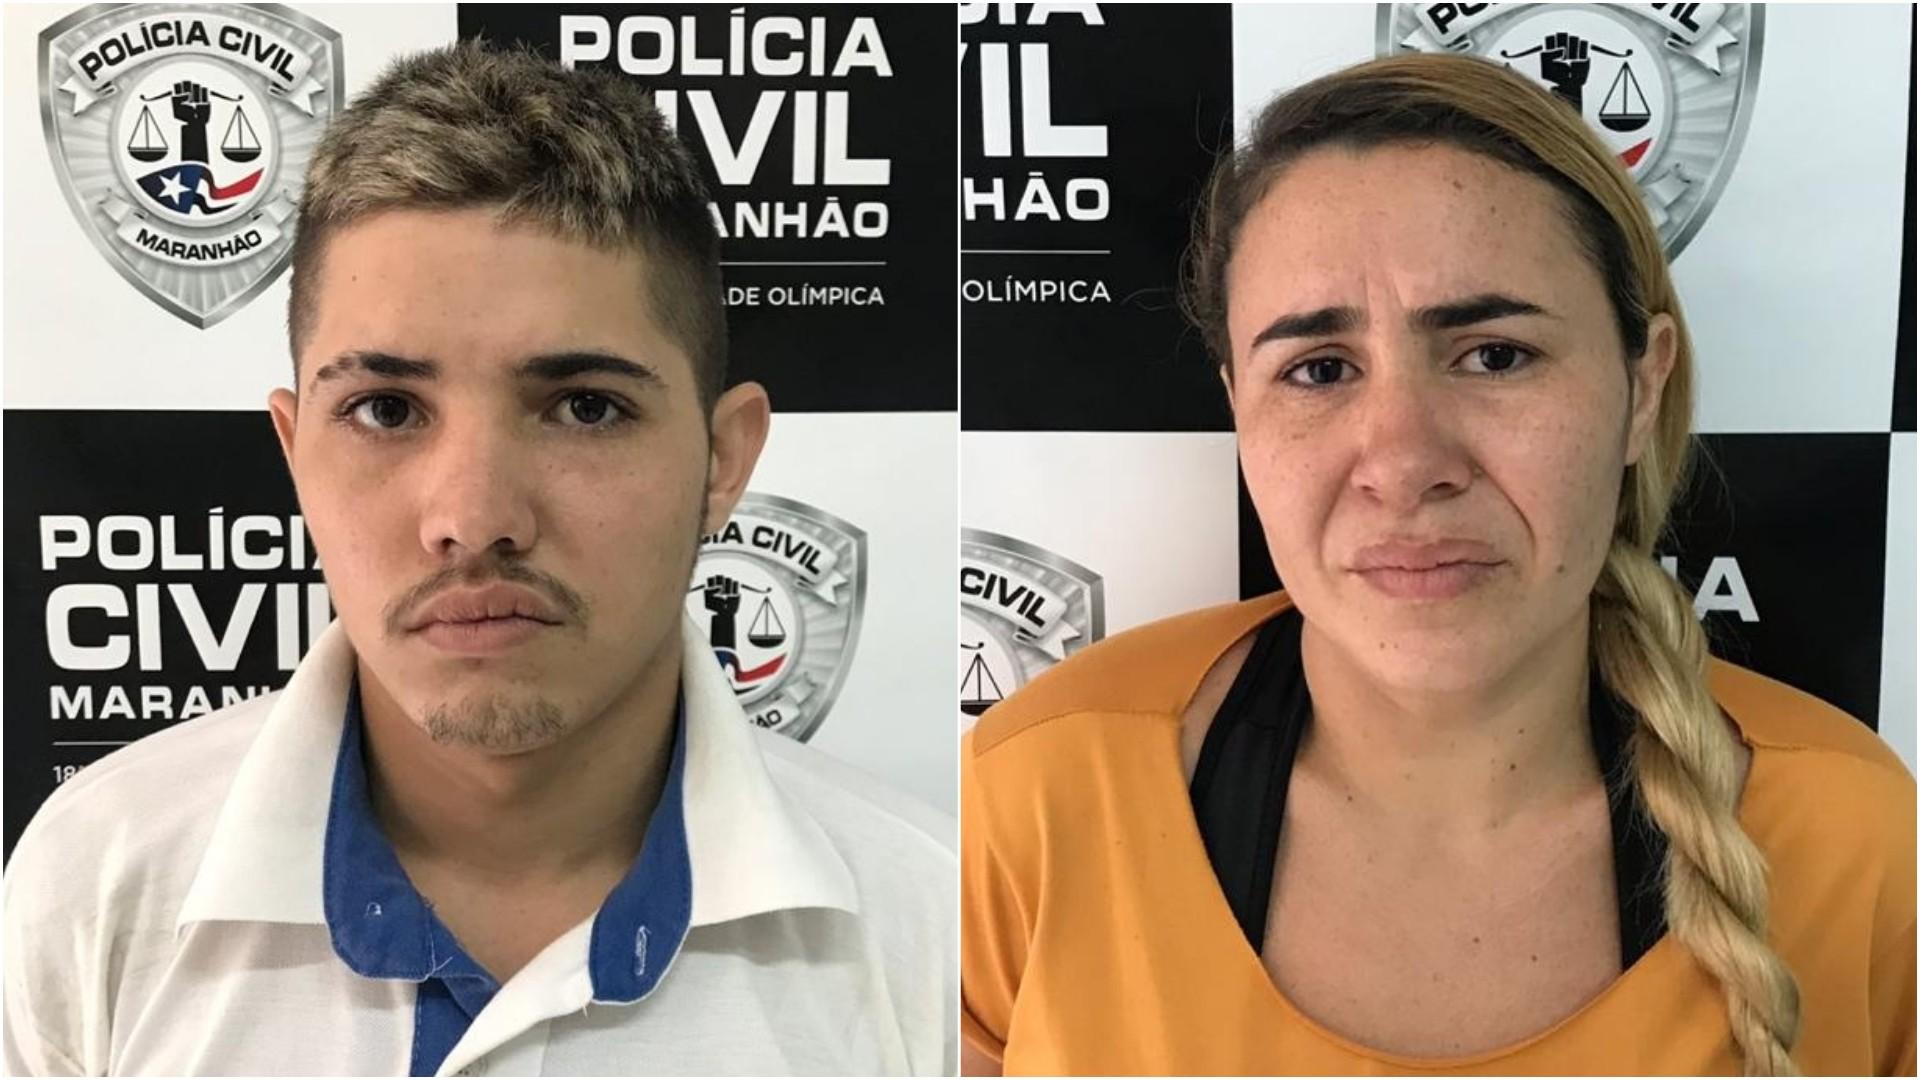 Dupla é presa por tráfico de maconha na Cidade Olímpica, em São Luís - Notícias - Plantão Diário